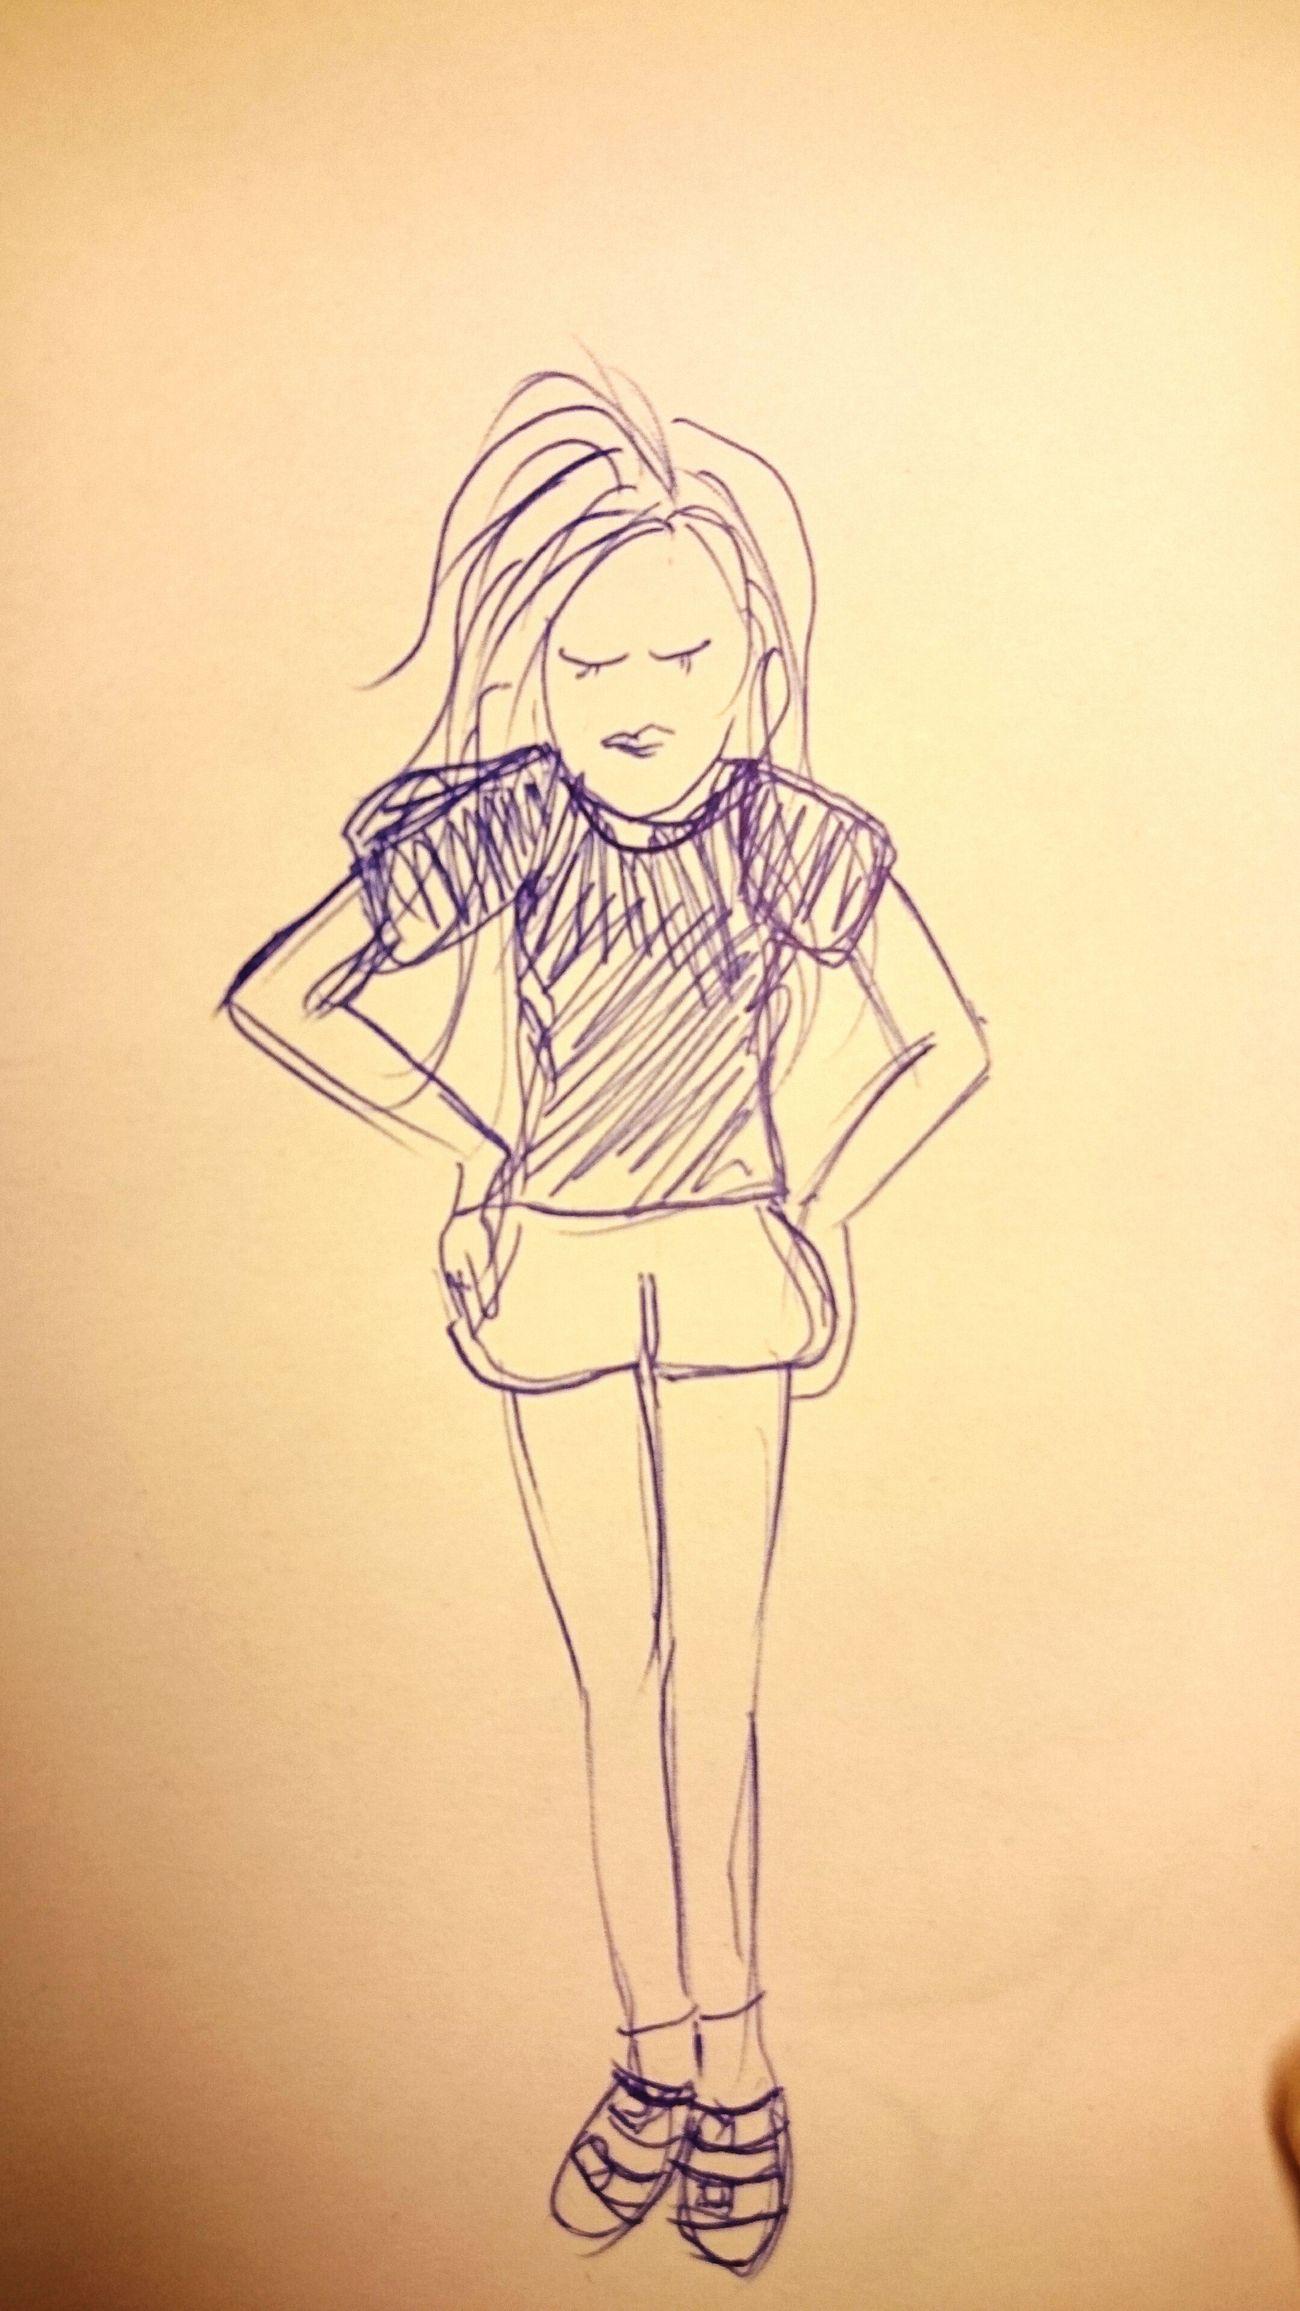 女人真難搞 半夜亂畫 Drawing Me?